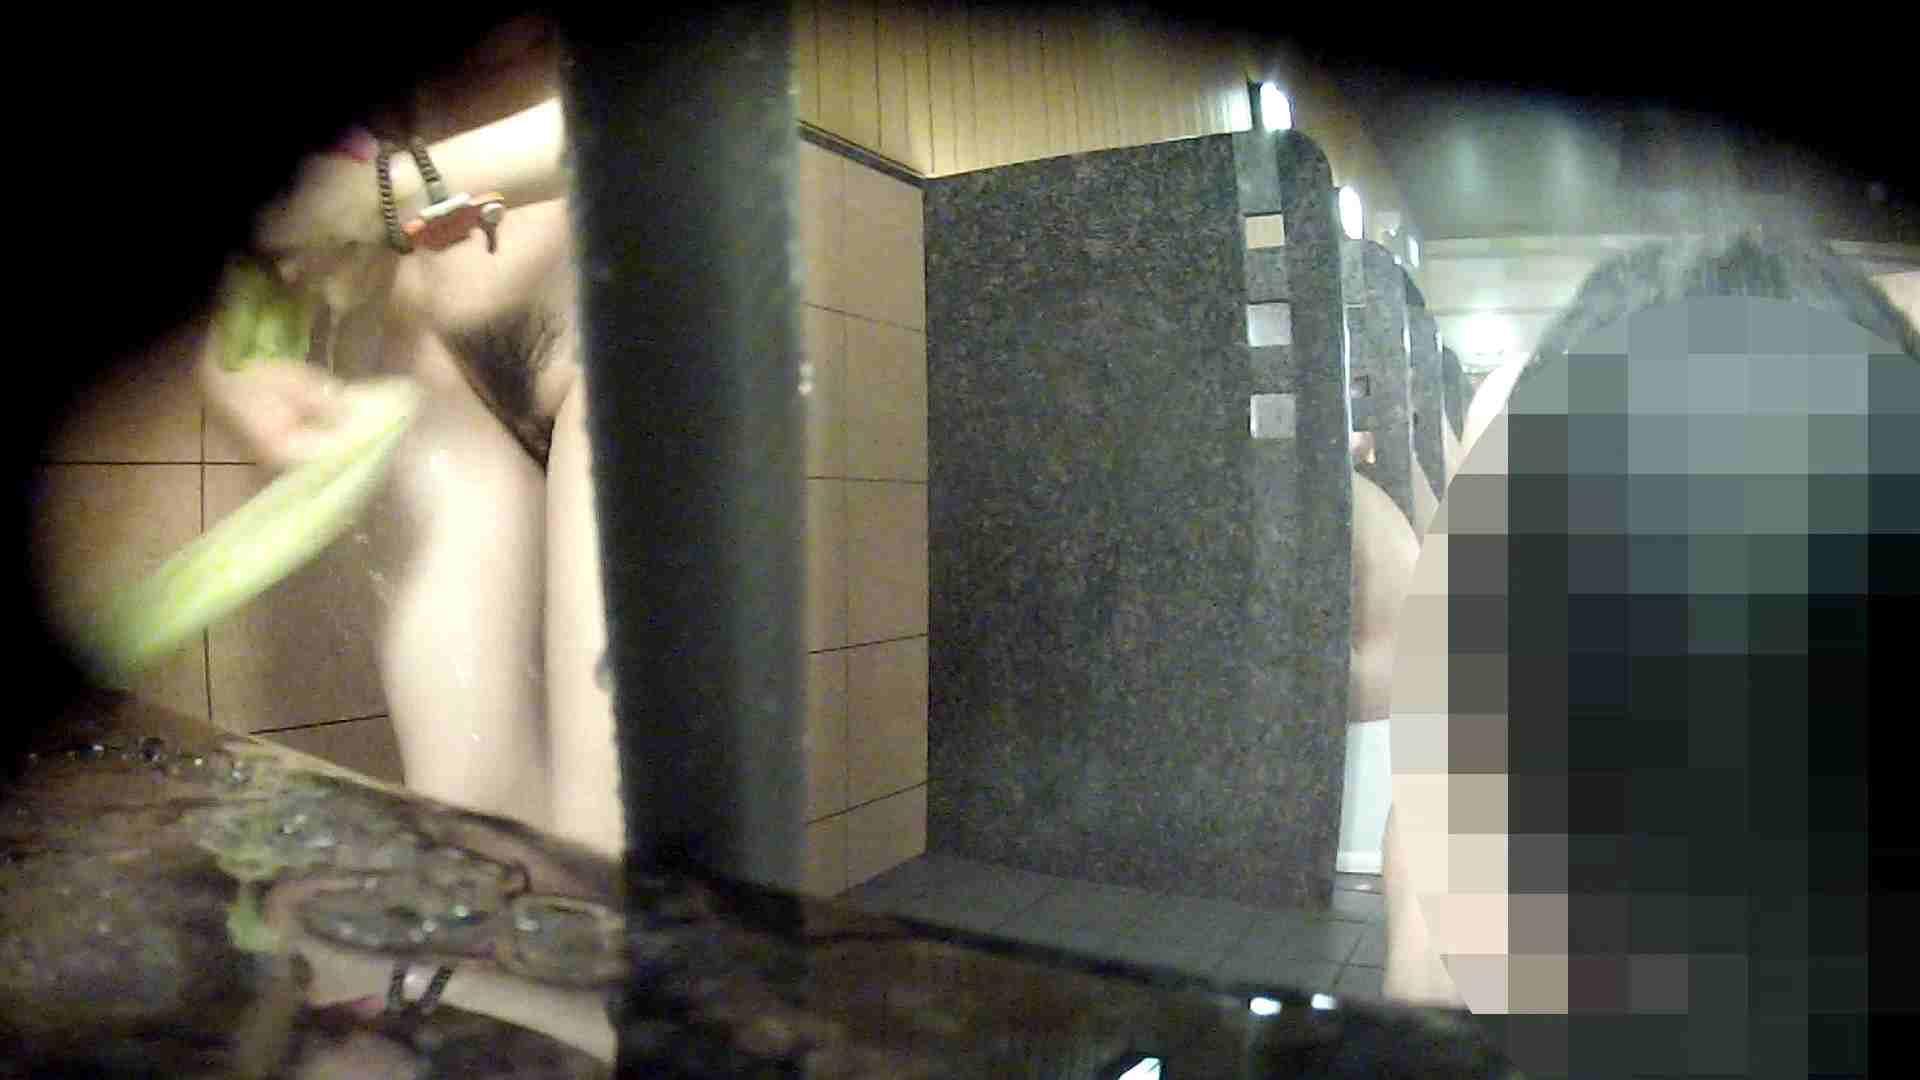 洗い場!今が食べ頃のたわわなオッパイ!サービス付 美肌 おめこ無修正画像 106画像 106